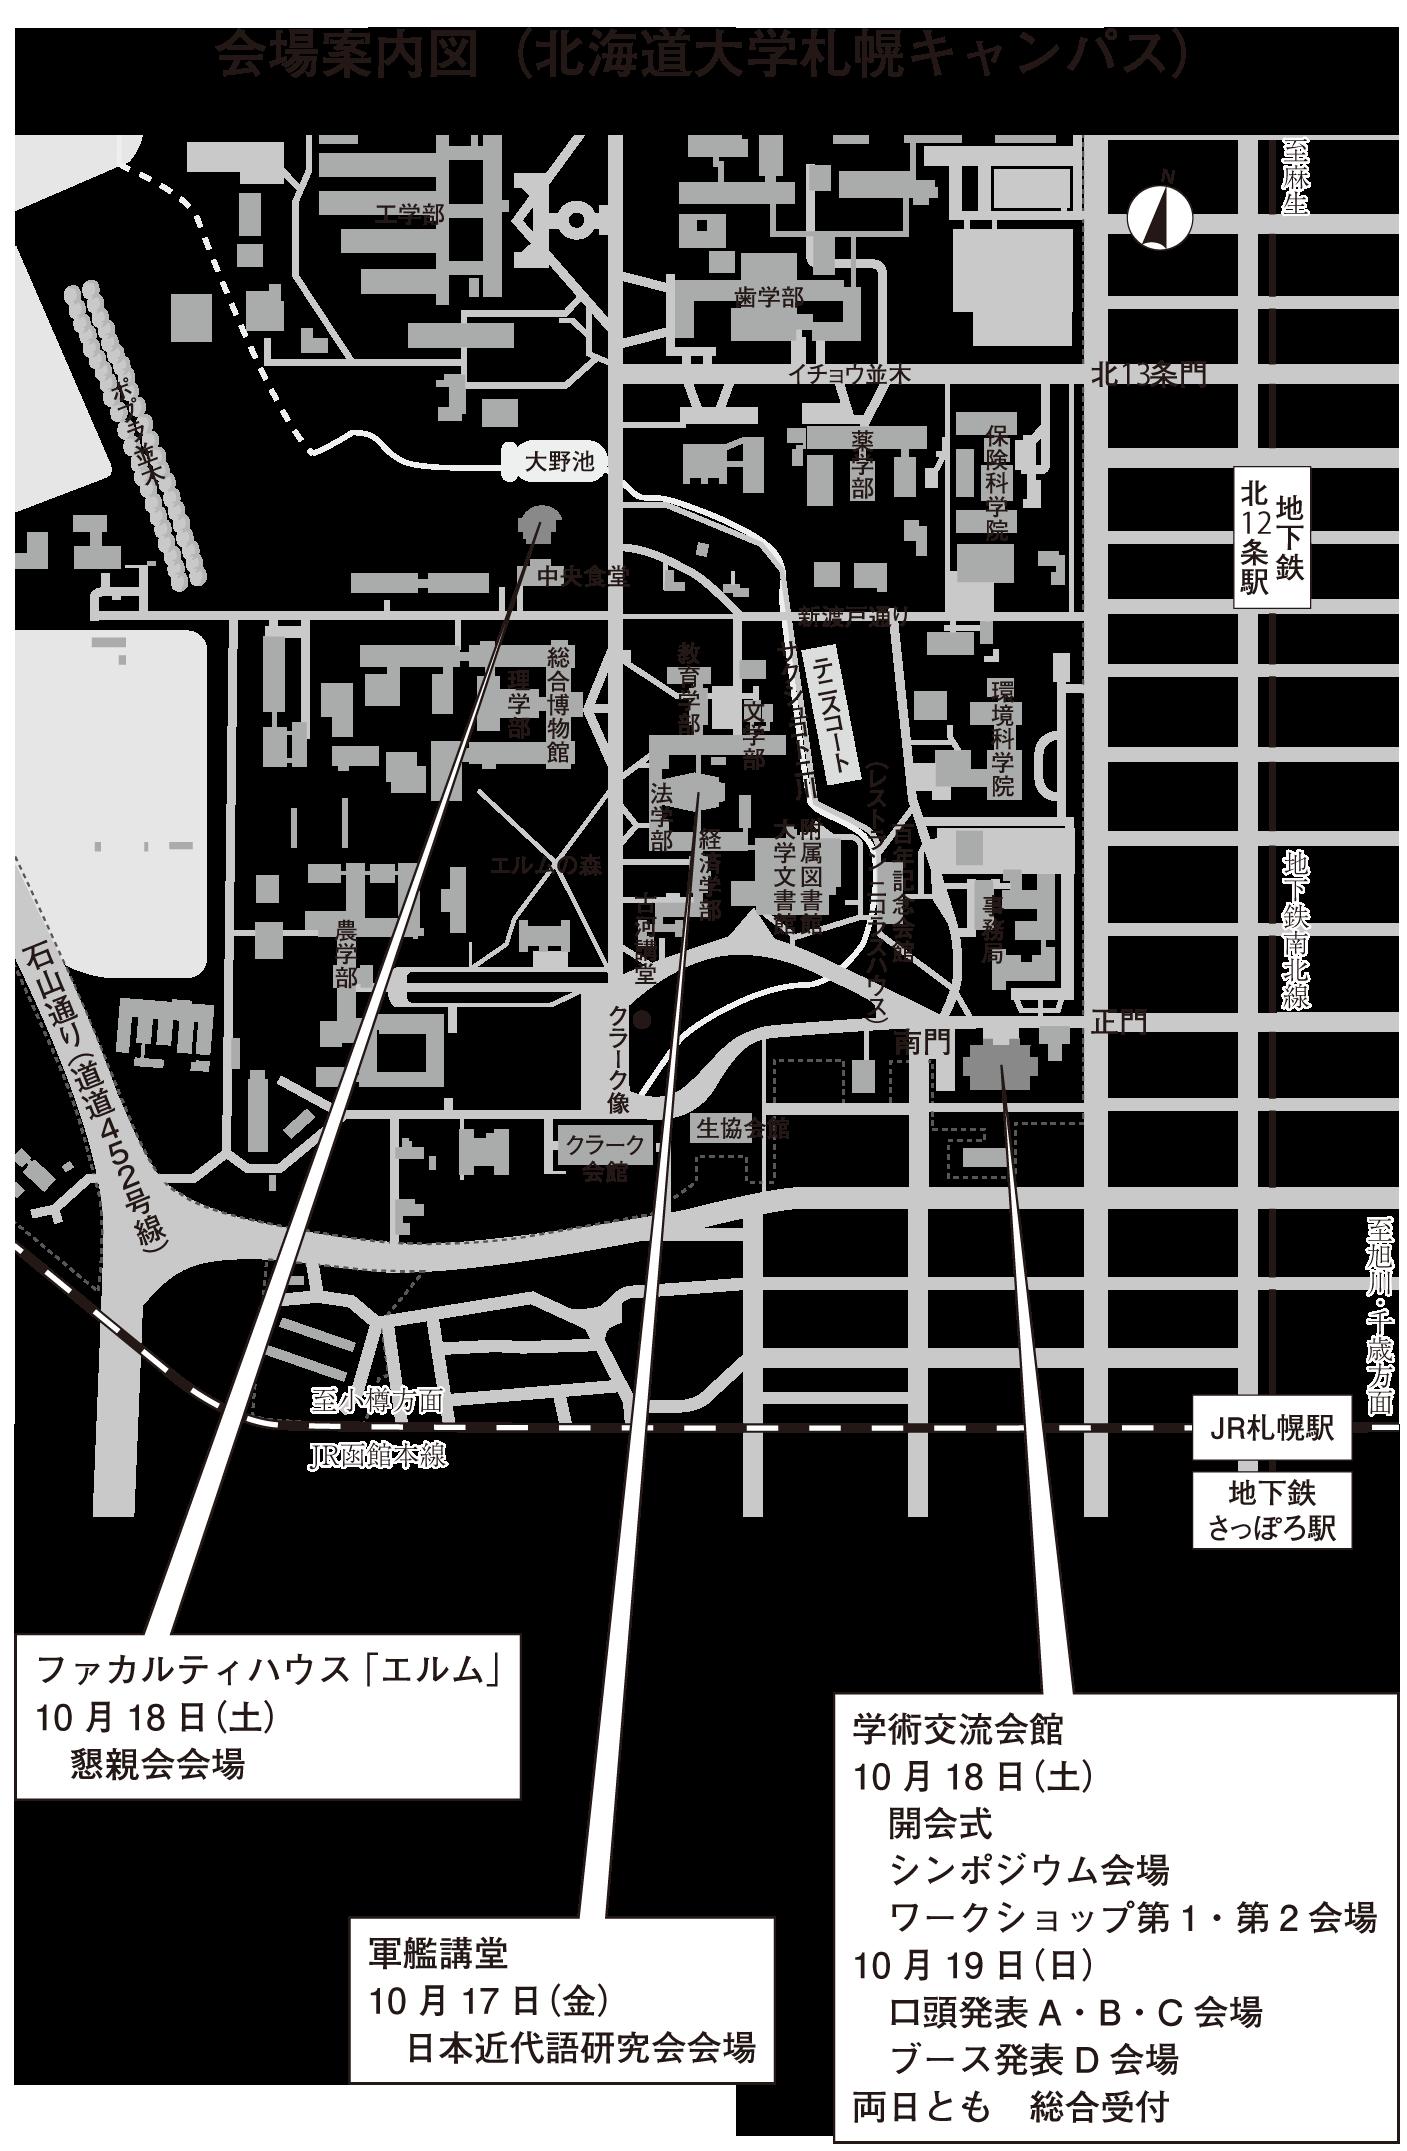 2014秋季会場案内図